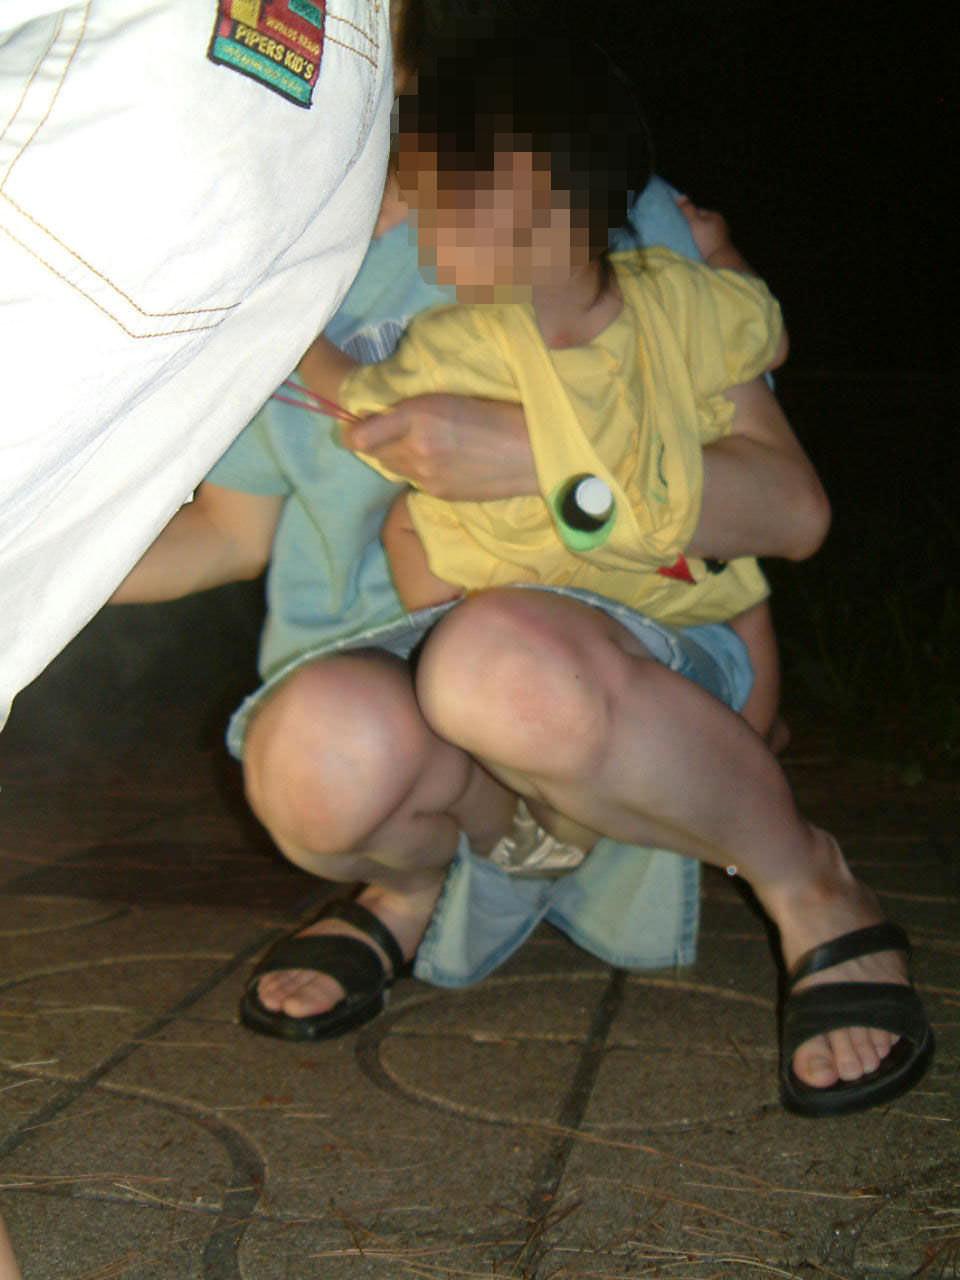 子連れママーンのパンチラを街撮り盗撮wwwww 2524